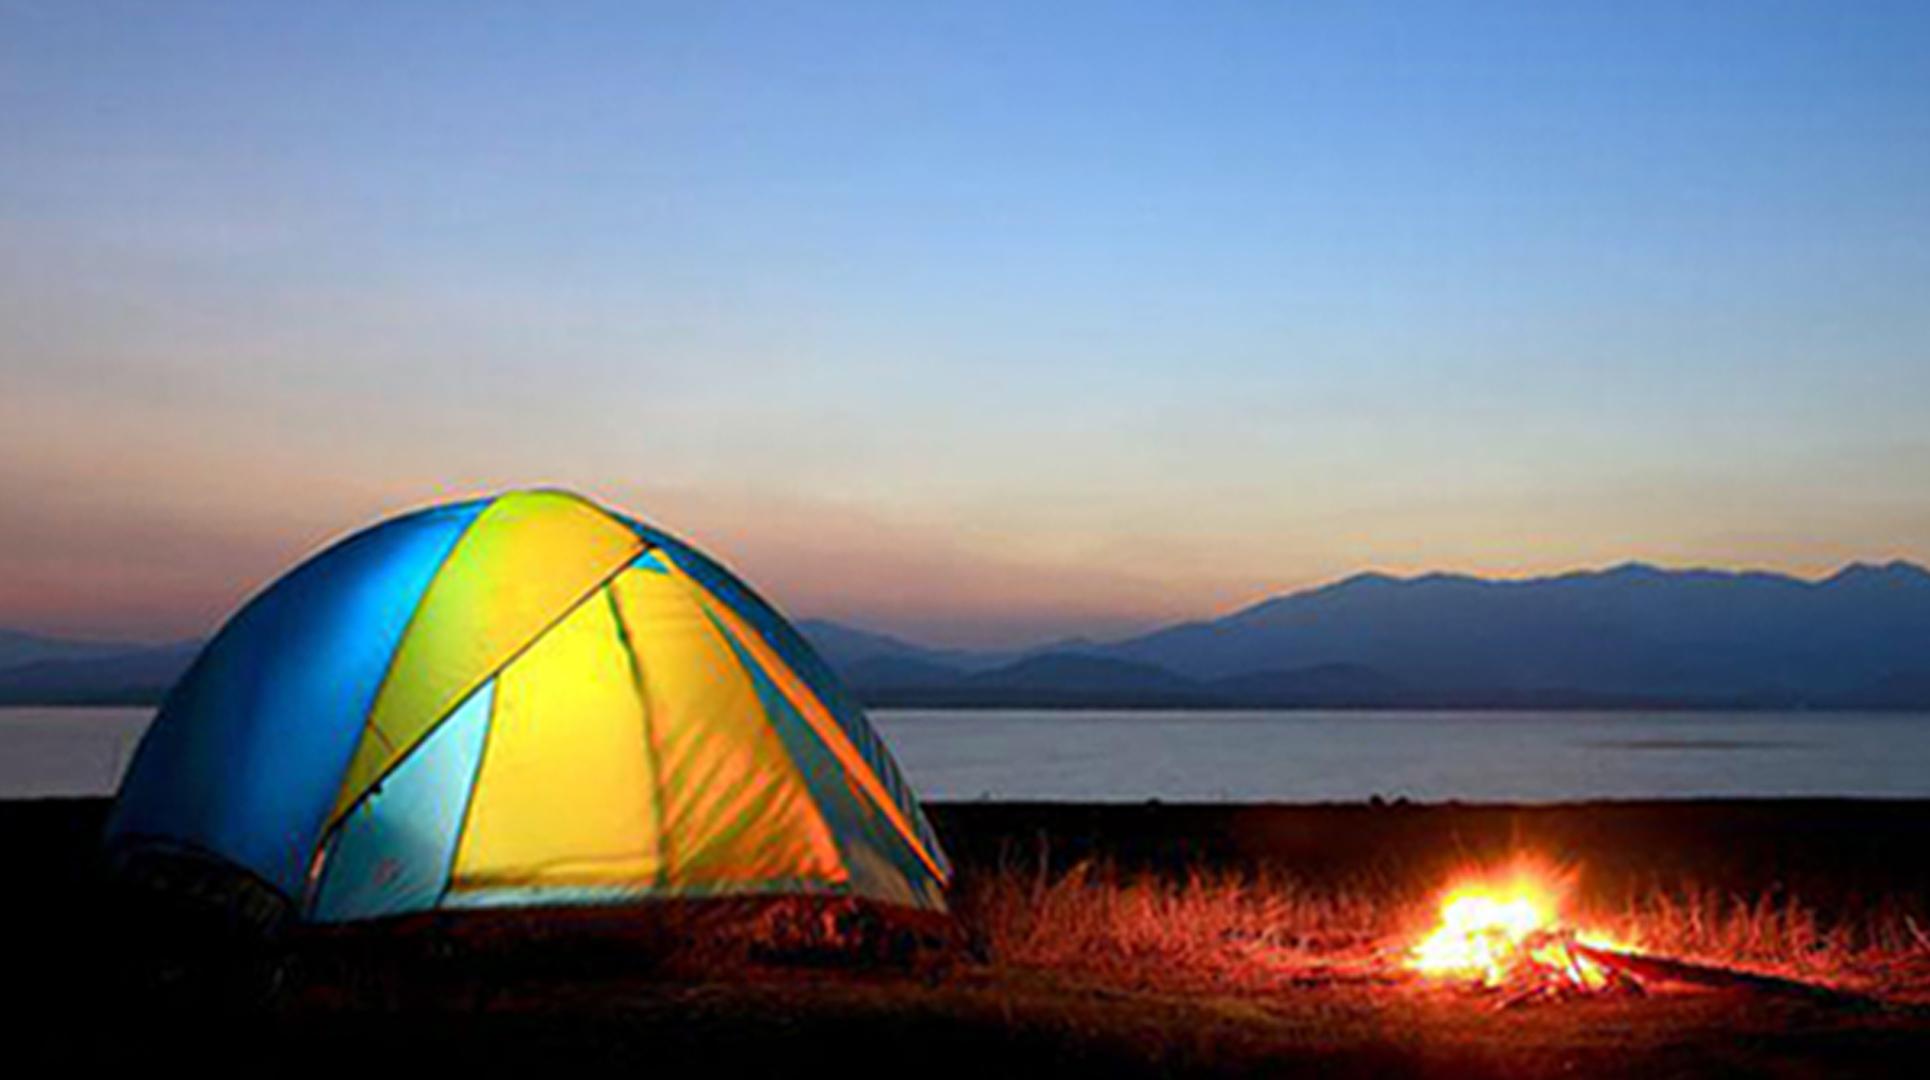 Elementaita Camping